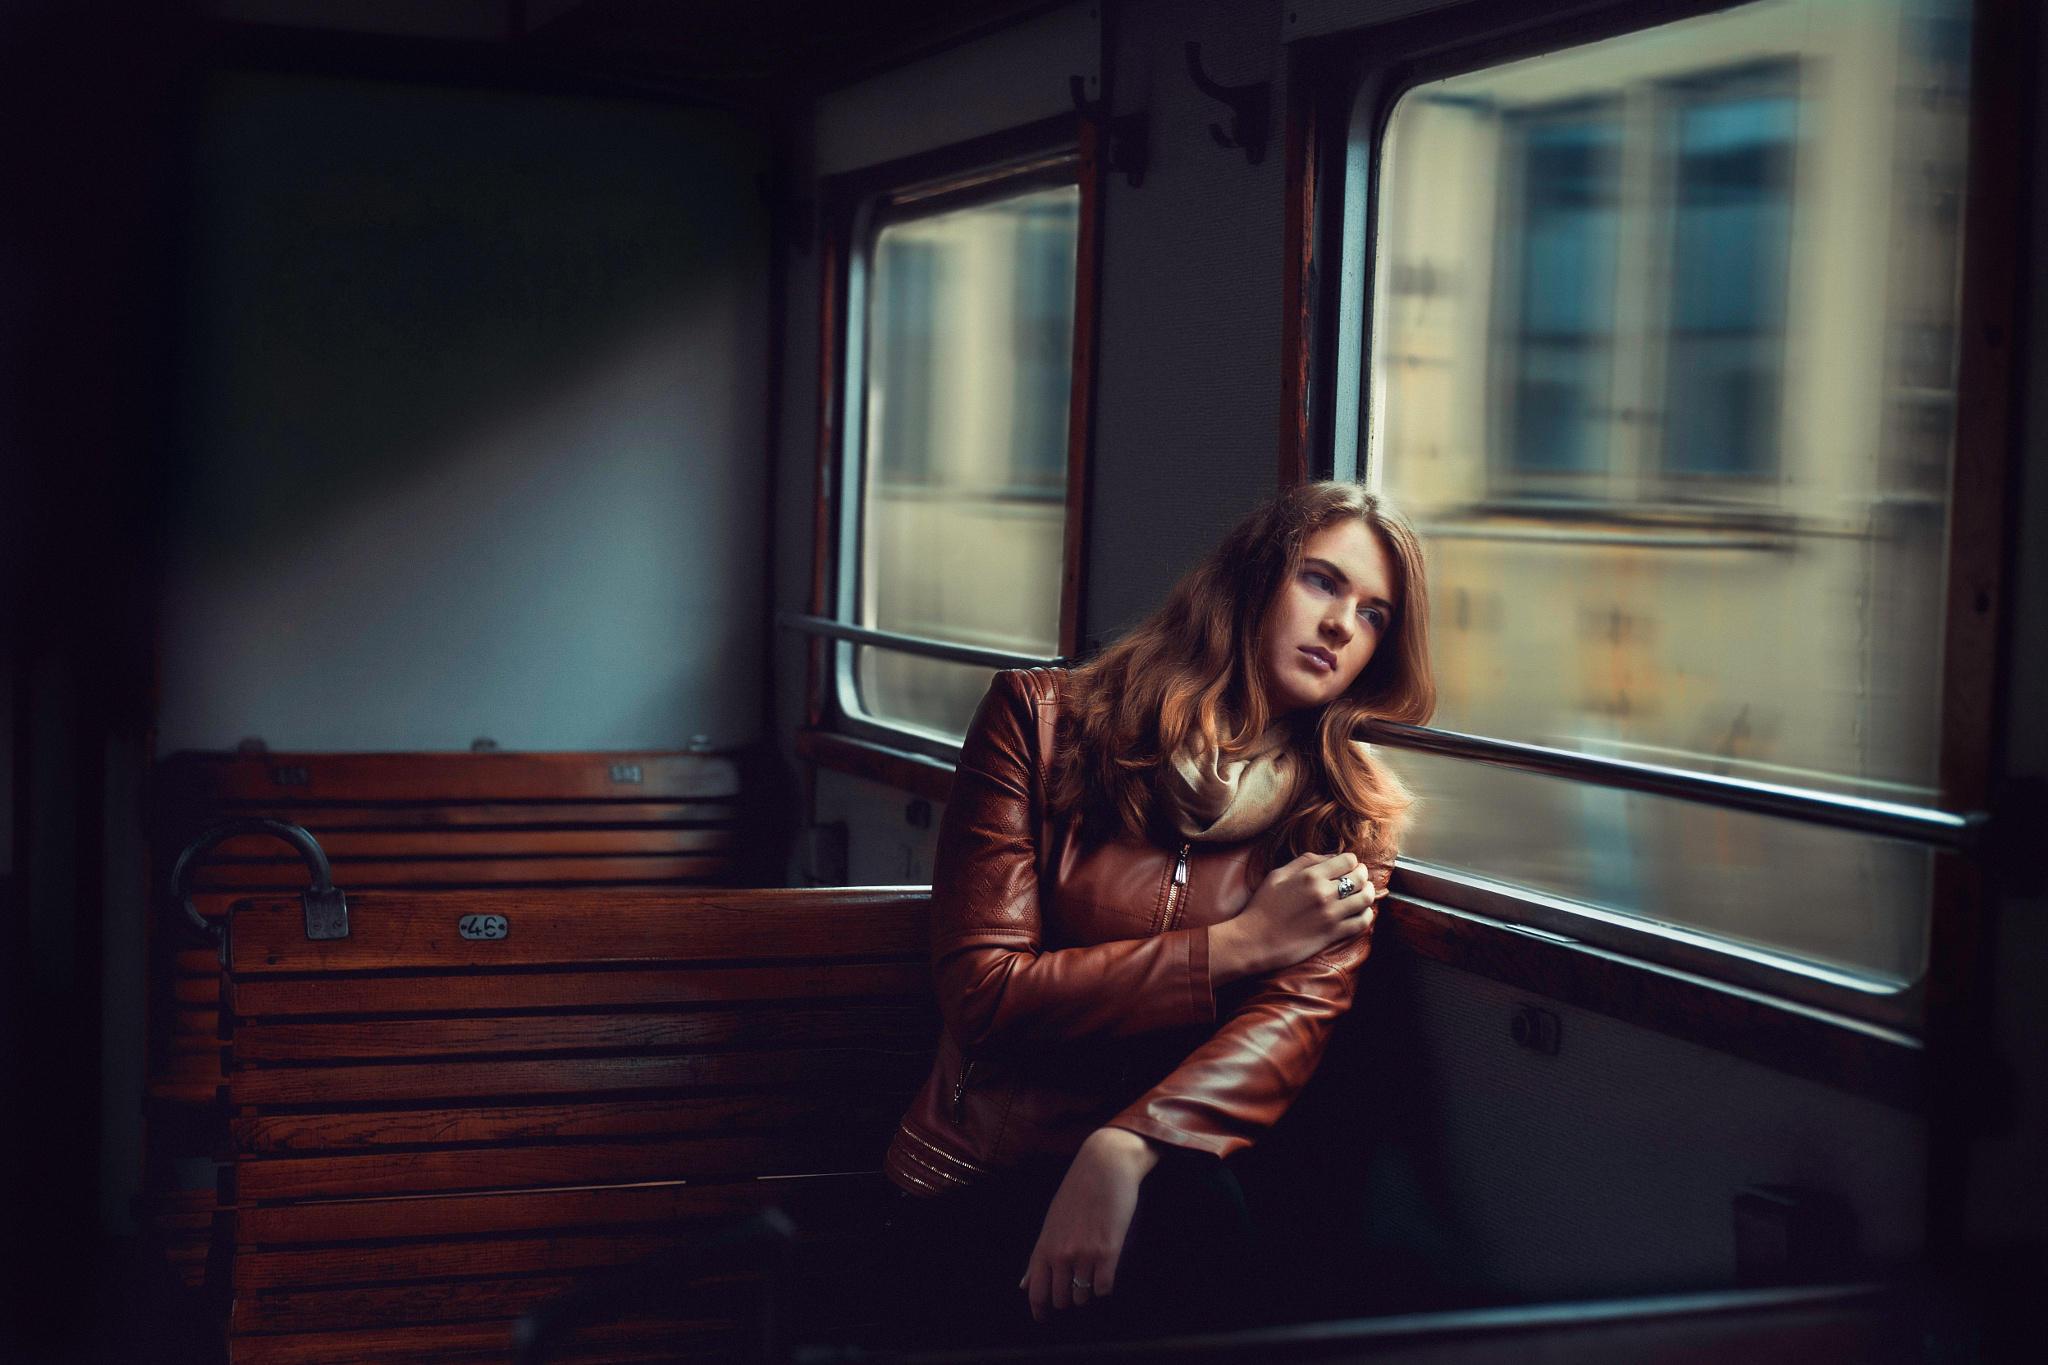 скучающая девочка в окне поезда скачать